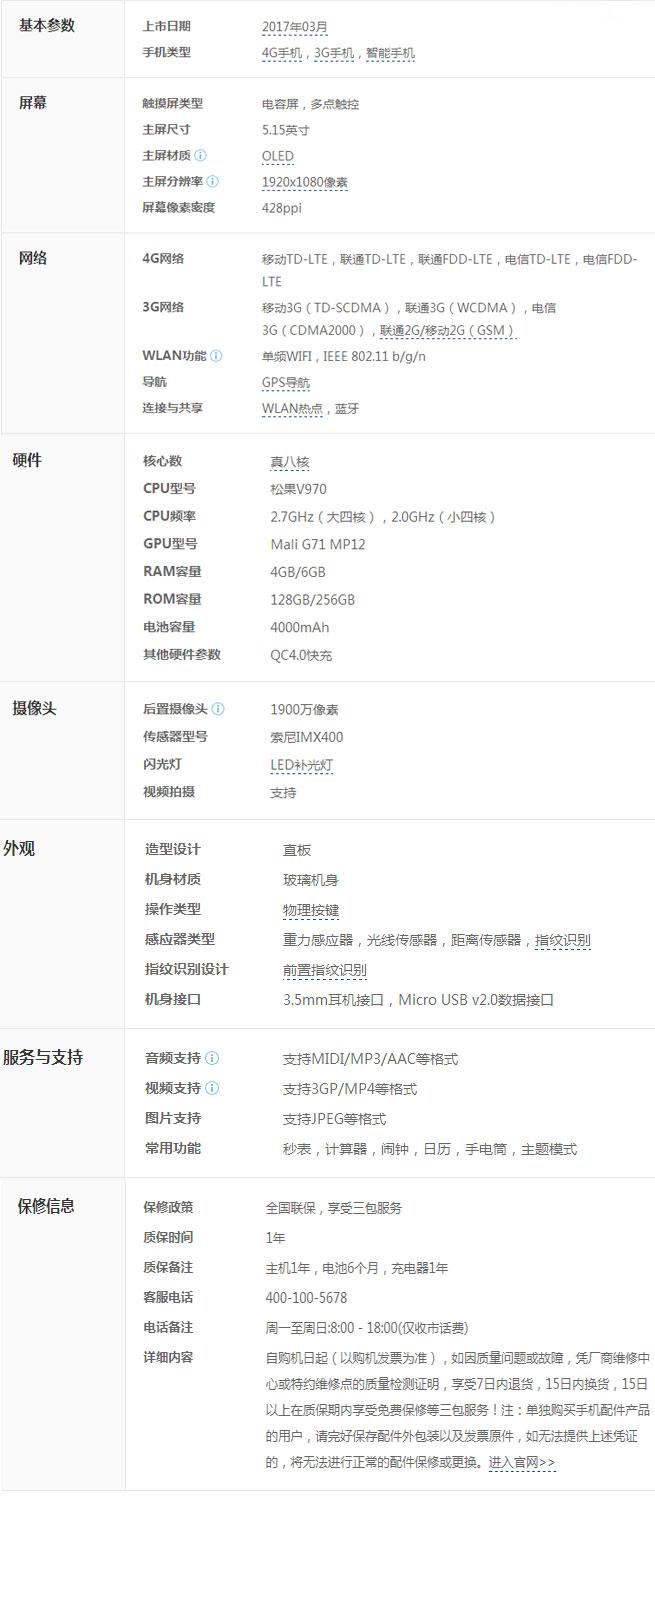 【小米6】发布时间_小米6评测_价格上市时间手机参数